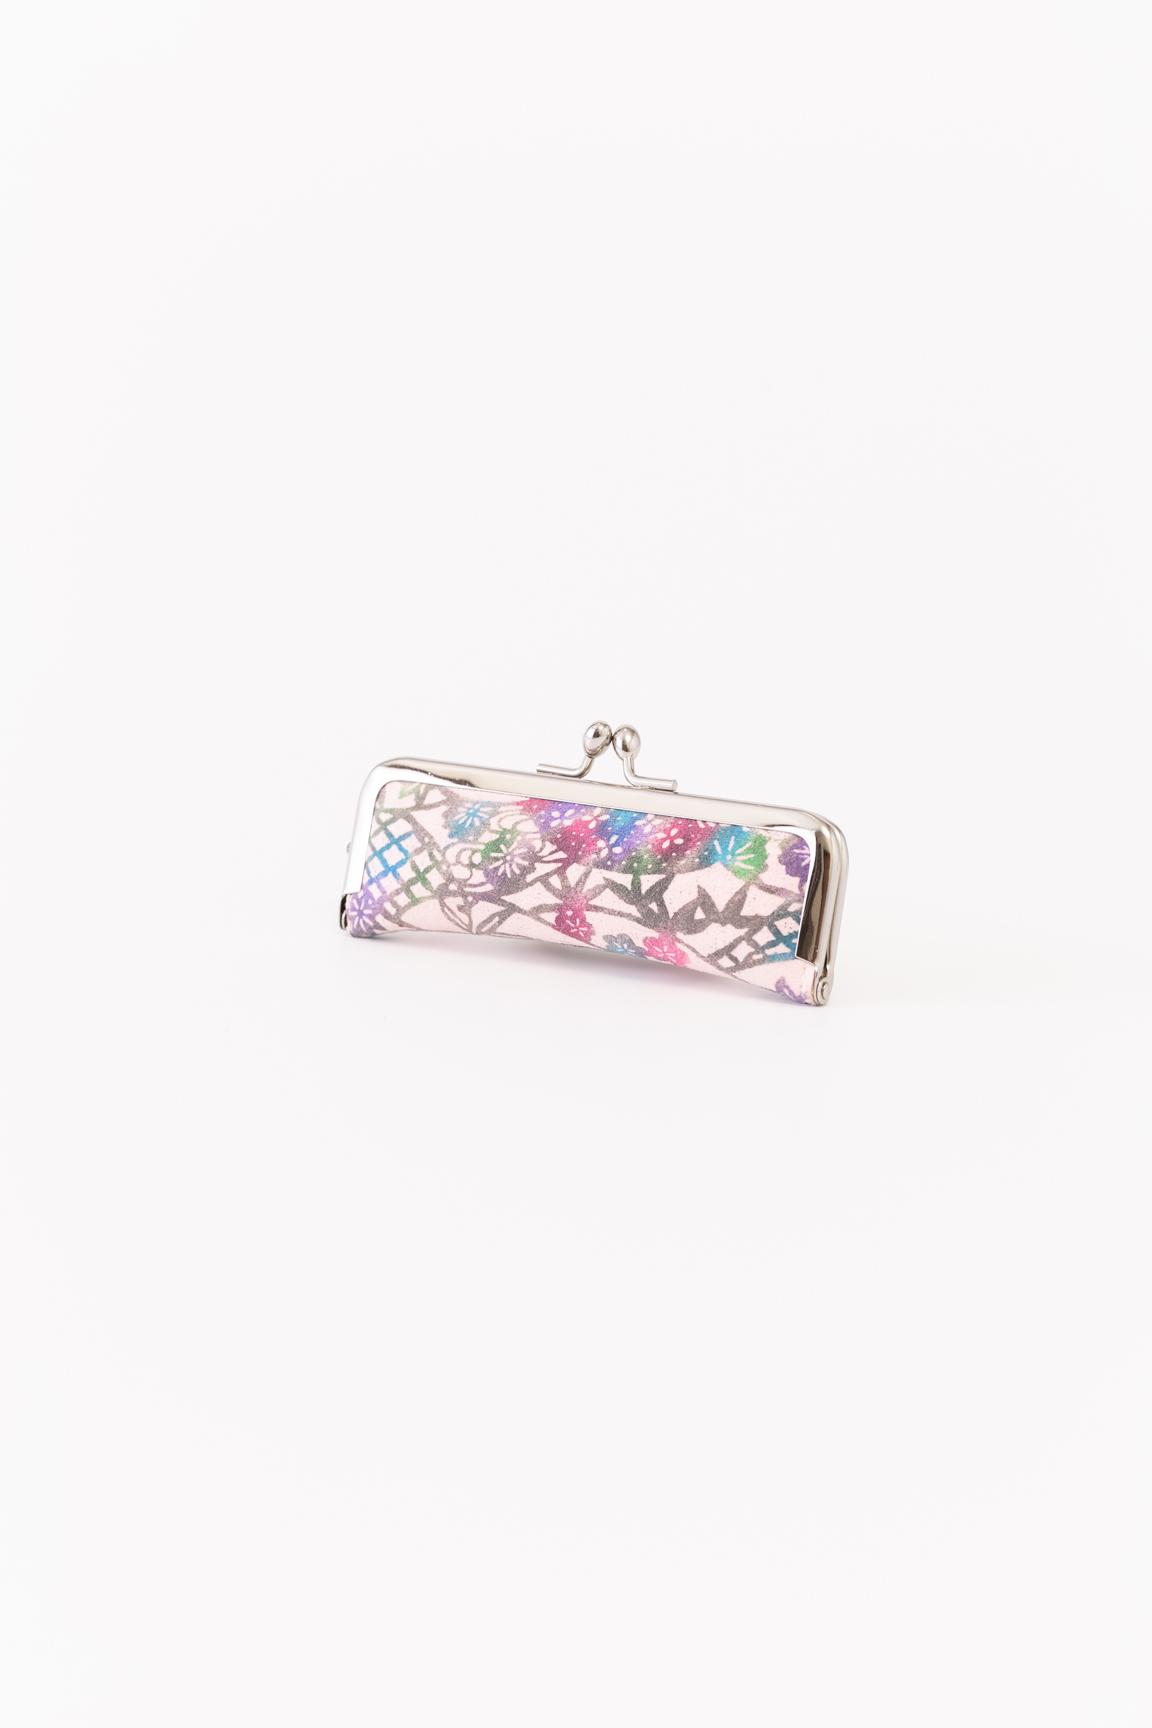 Lipstick case(pink)